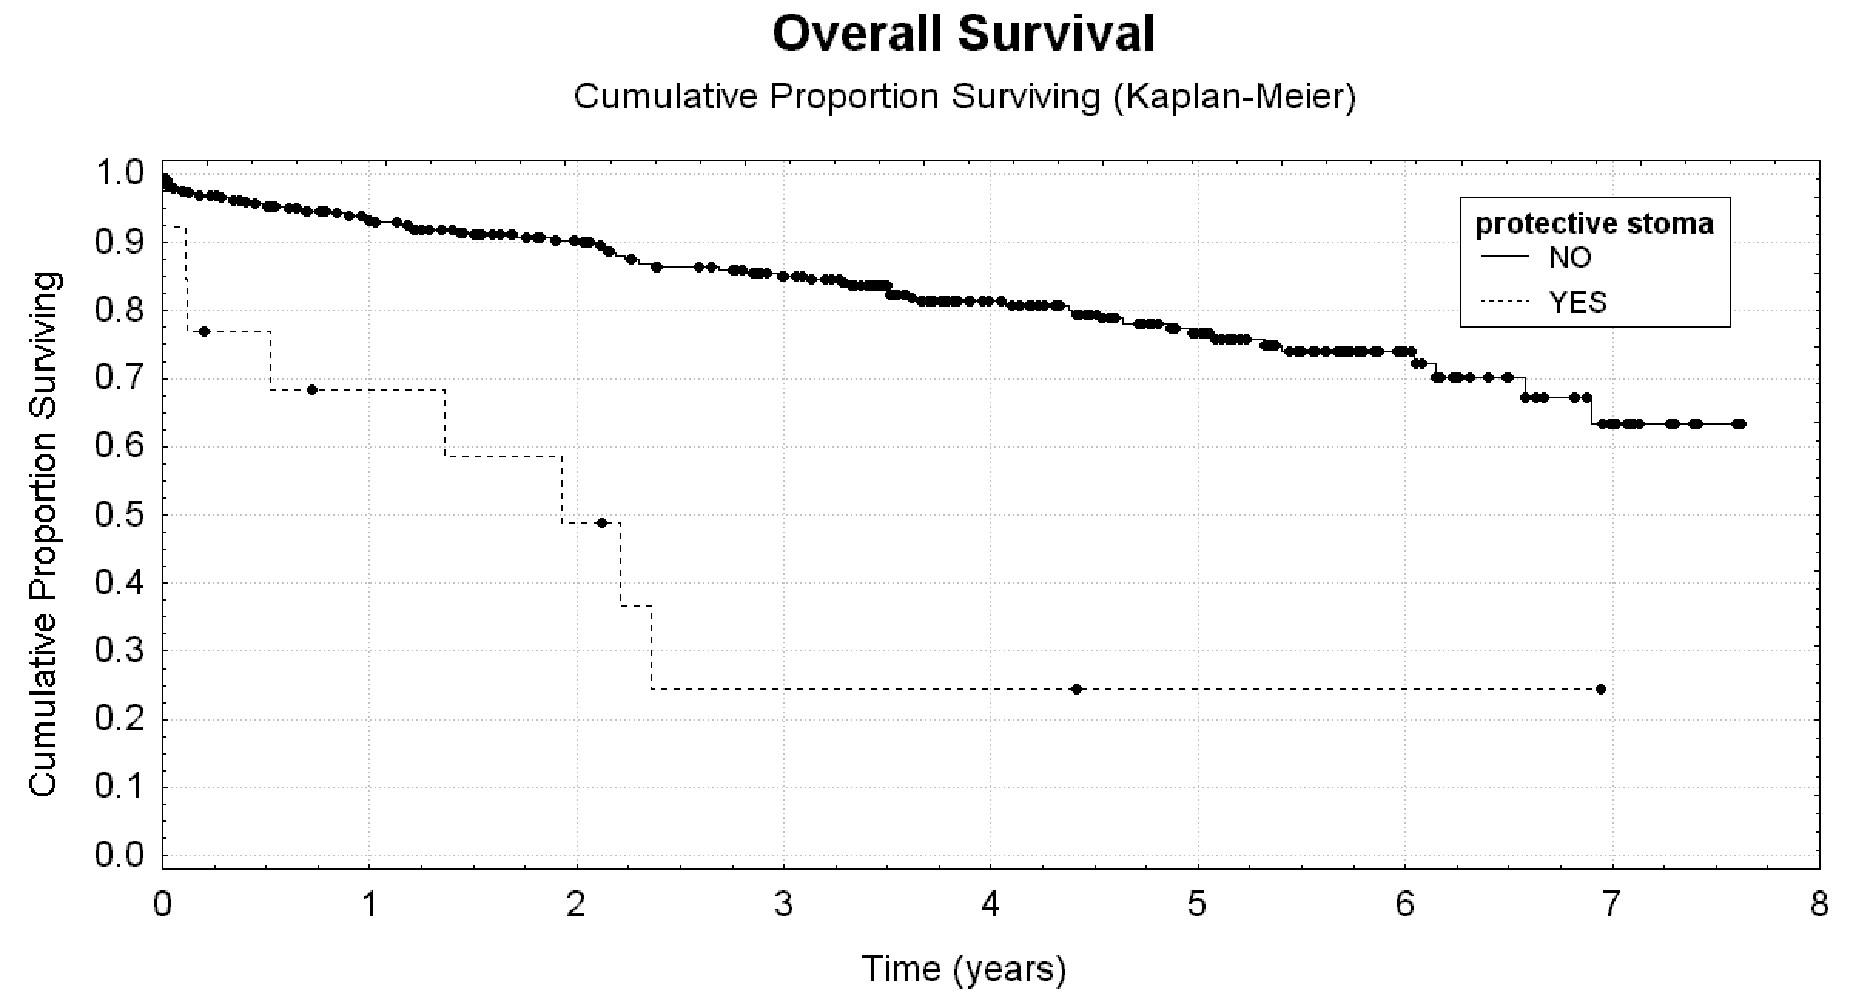 Význam protektivní stomie pro celkové přežití nemocných Graph 8: Importance of protective stoma for overal survival